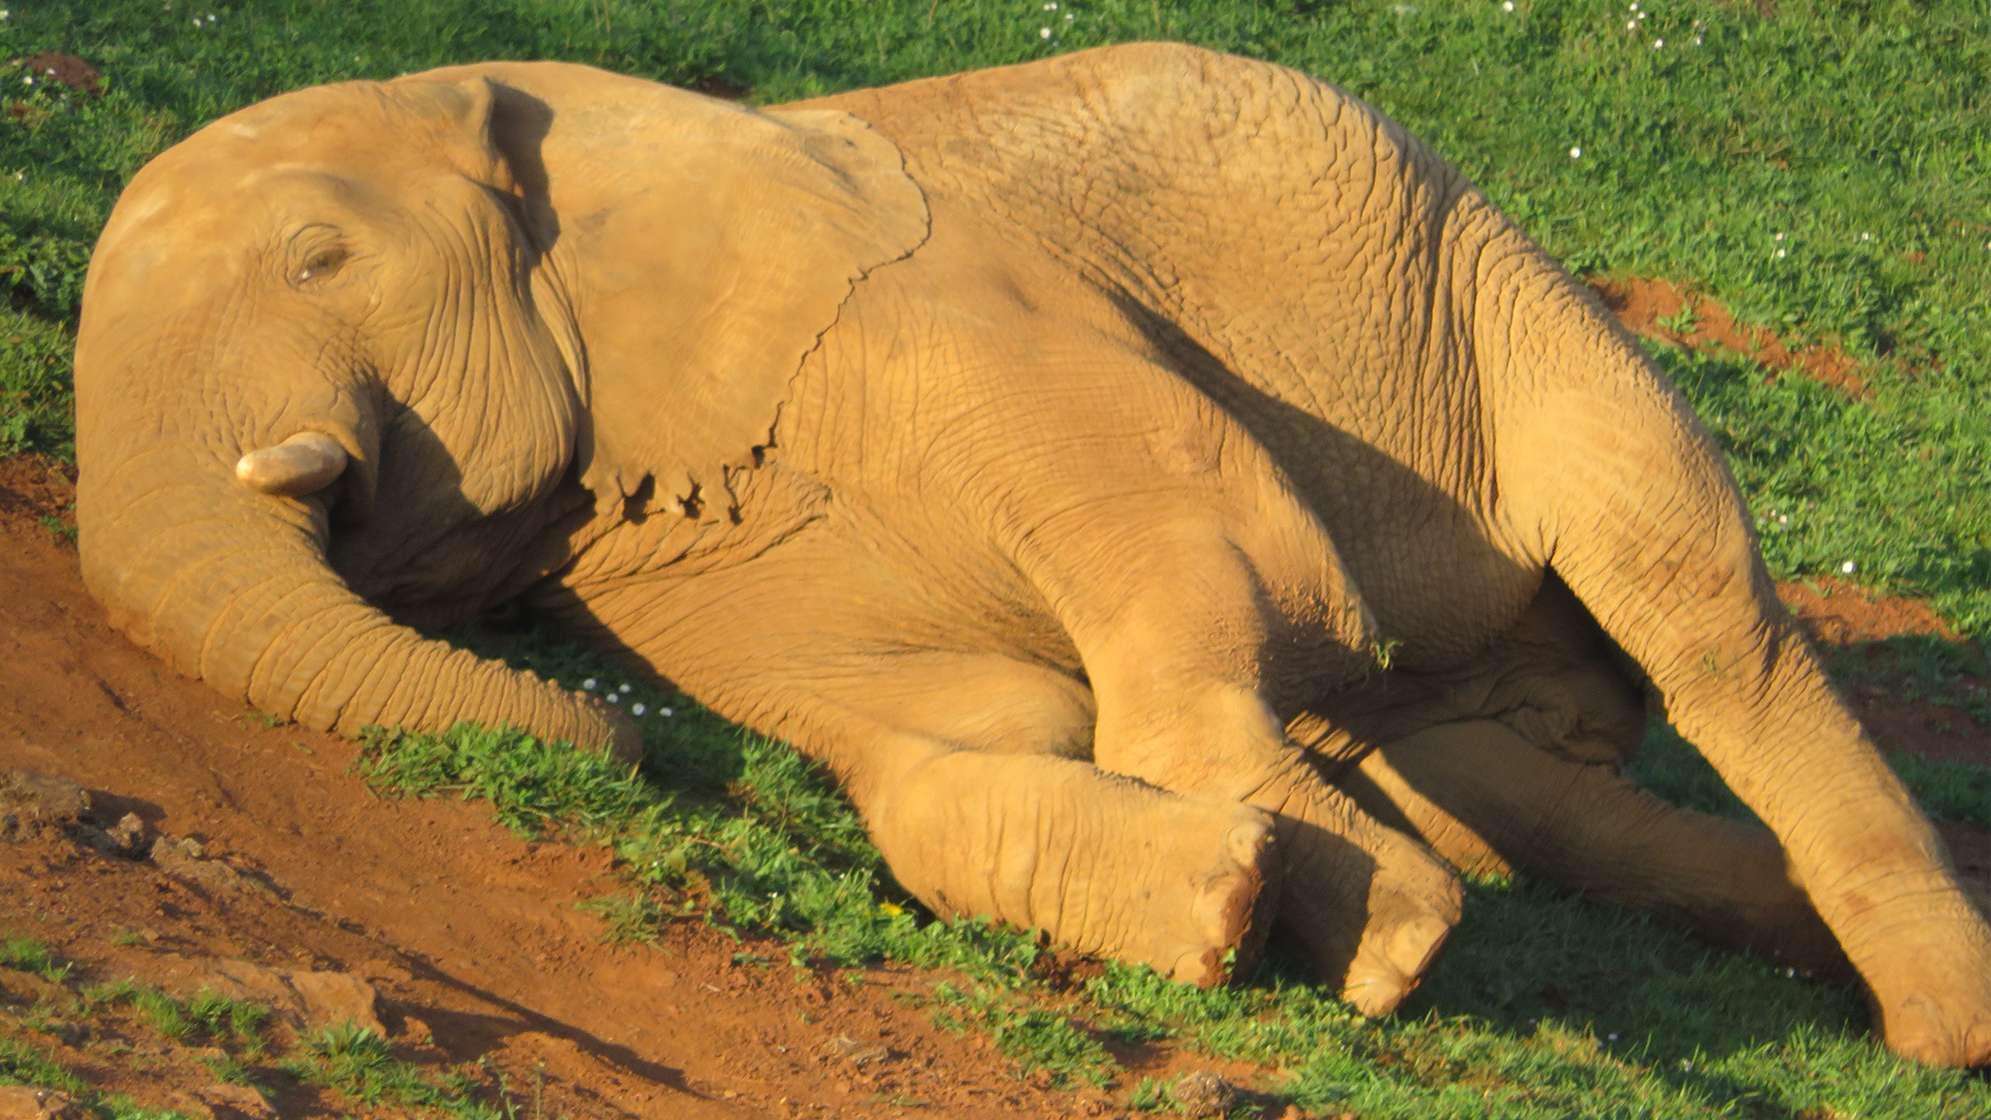 Elefanten liegen am liebsten auf der Seite. Mit zunehmendem Alter fällt ihnen das Aufstehen schwerer.